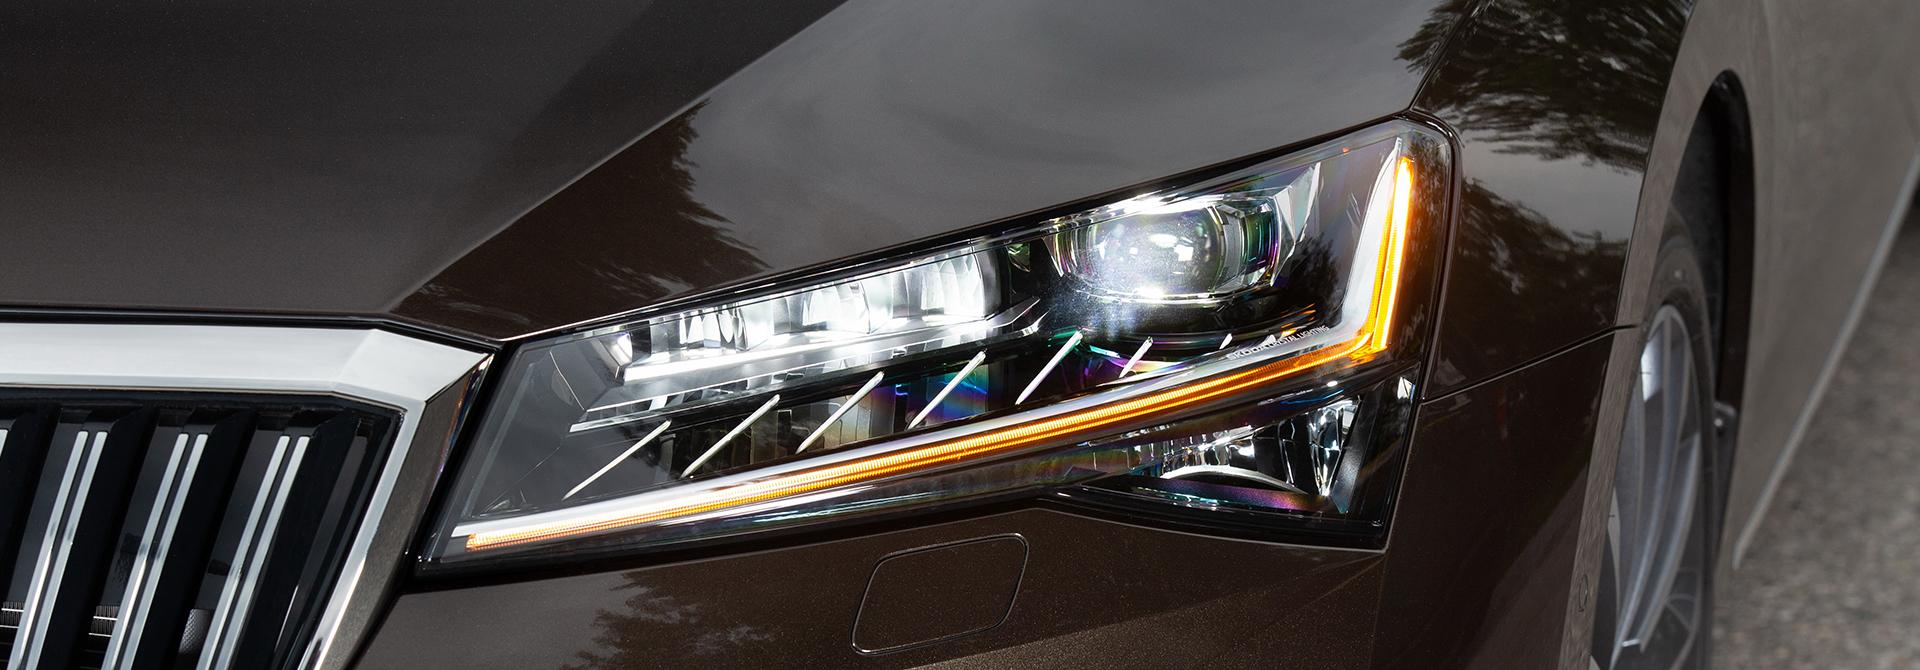 Dodatkowe Oświetlenie Jak Wpływa Na Bezpieczeństwo Jazdy